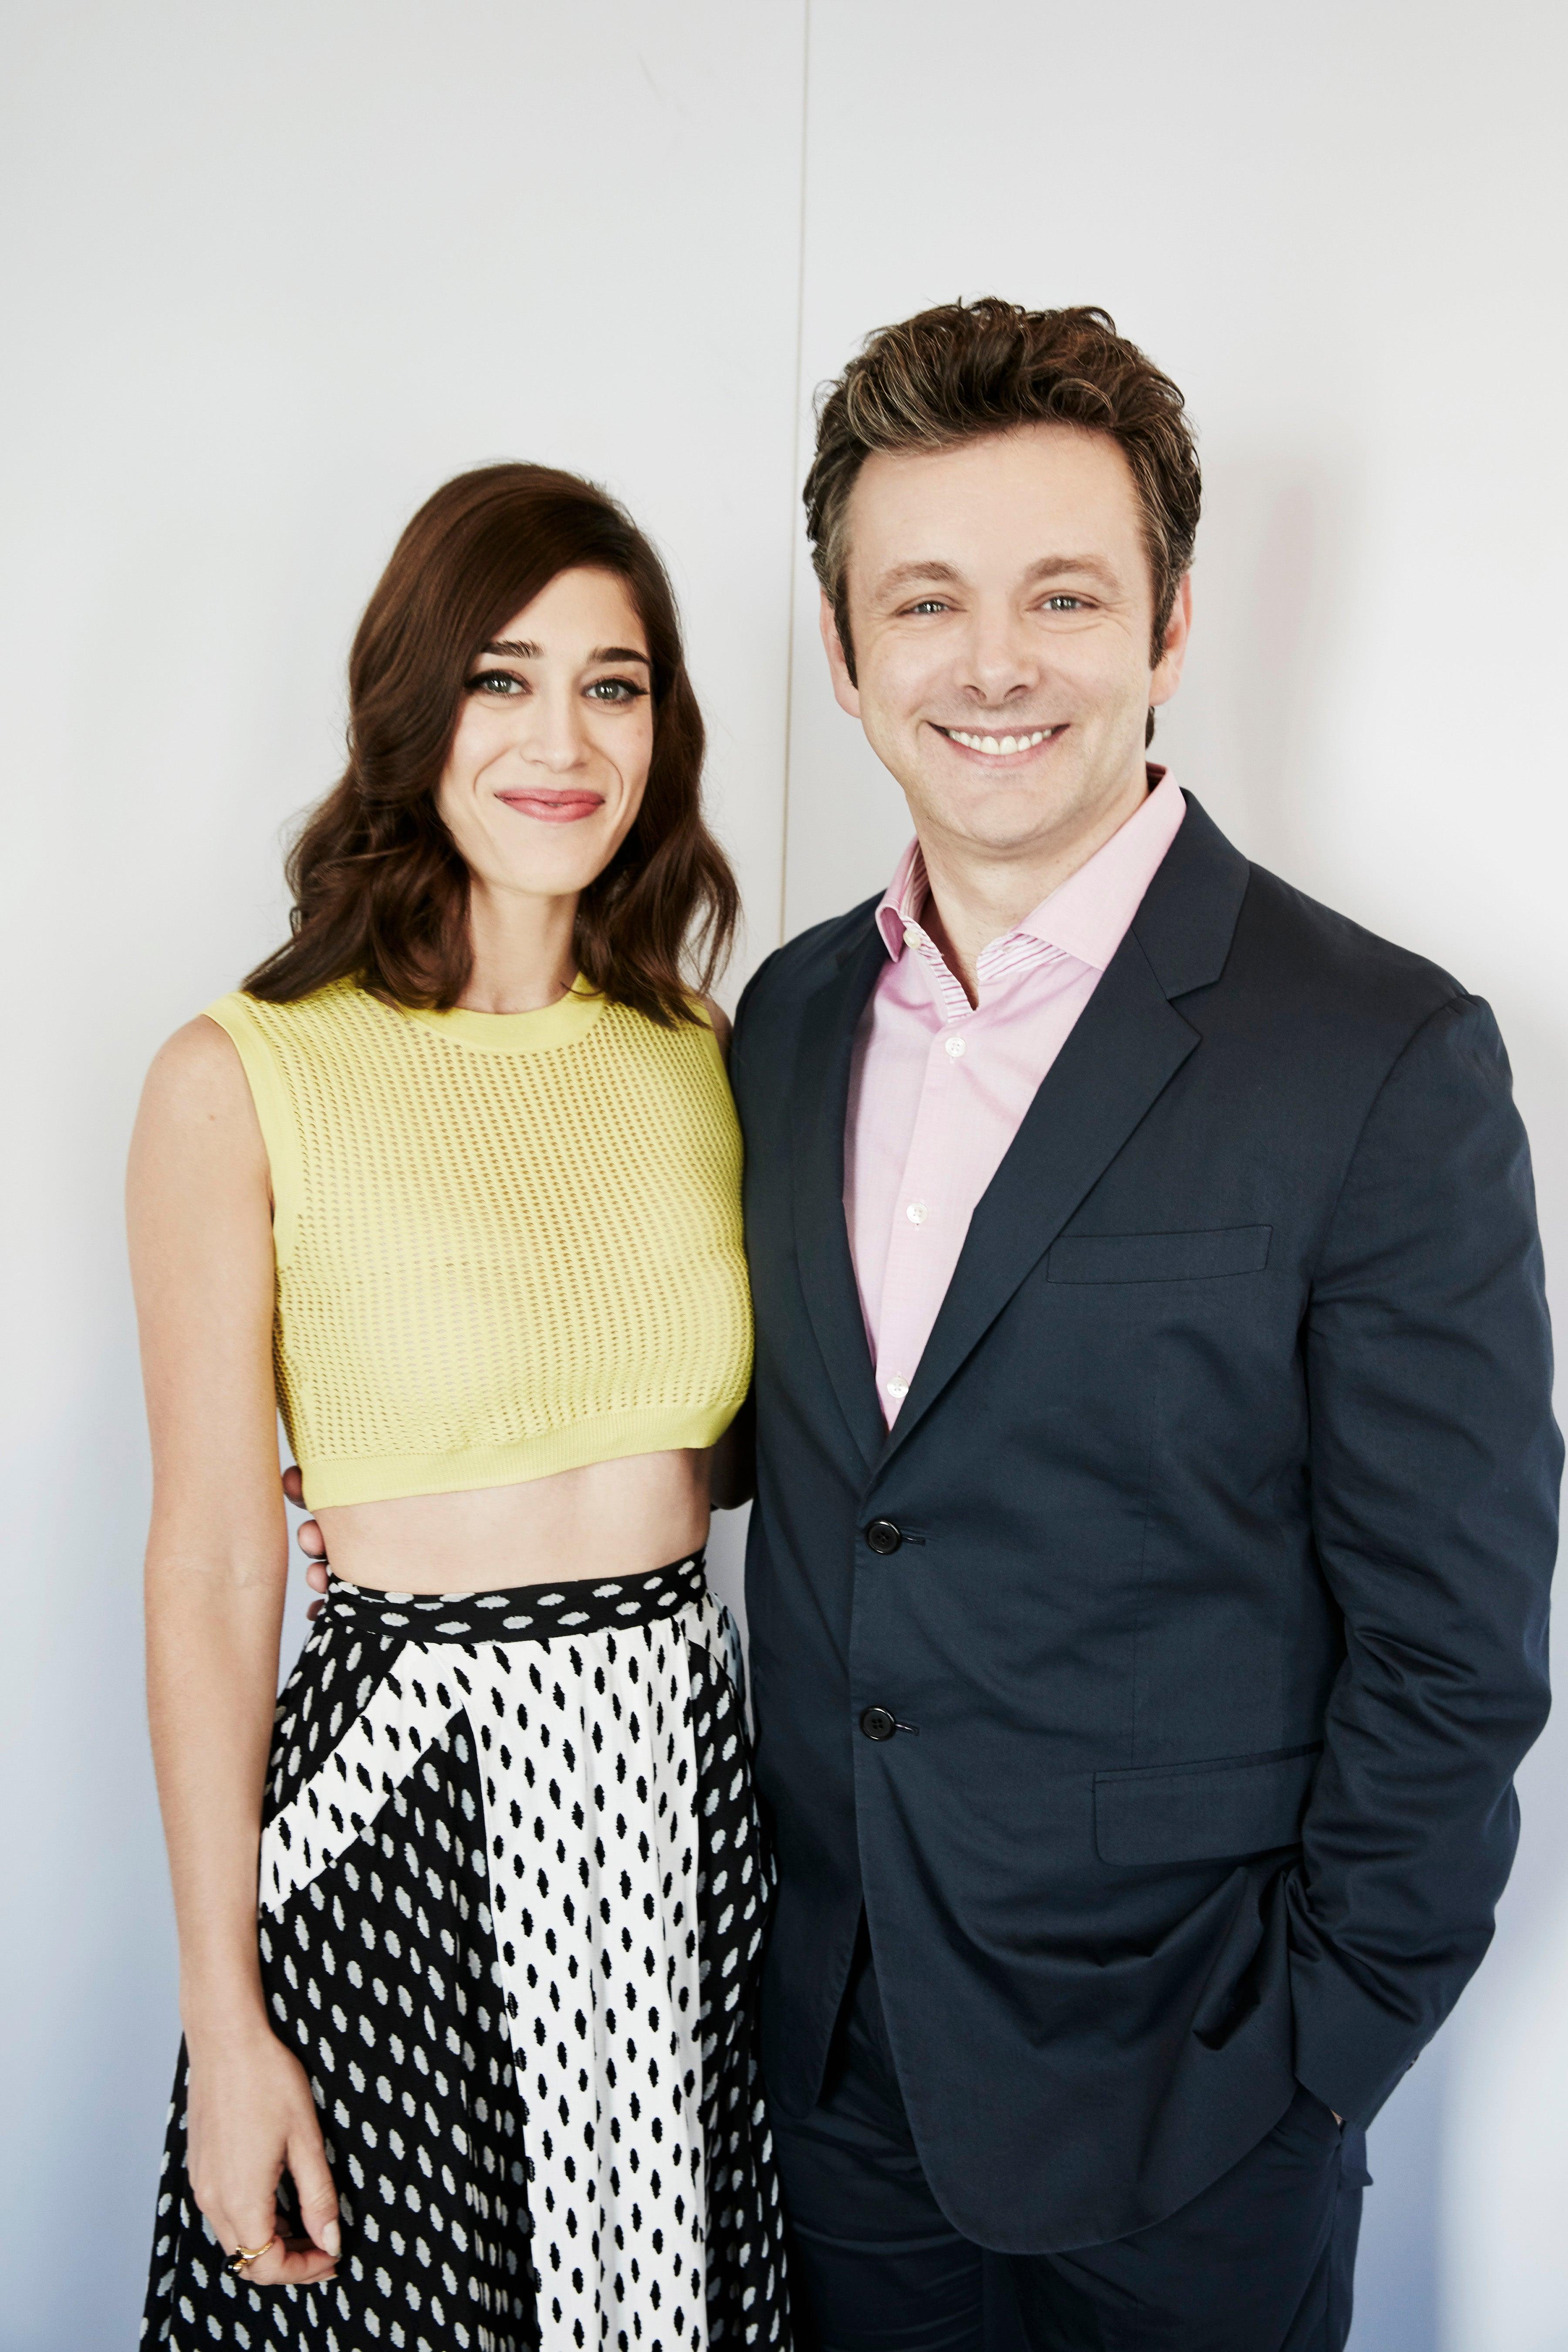 Actors Lizzy Caplan and Michael Sheen